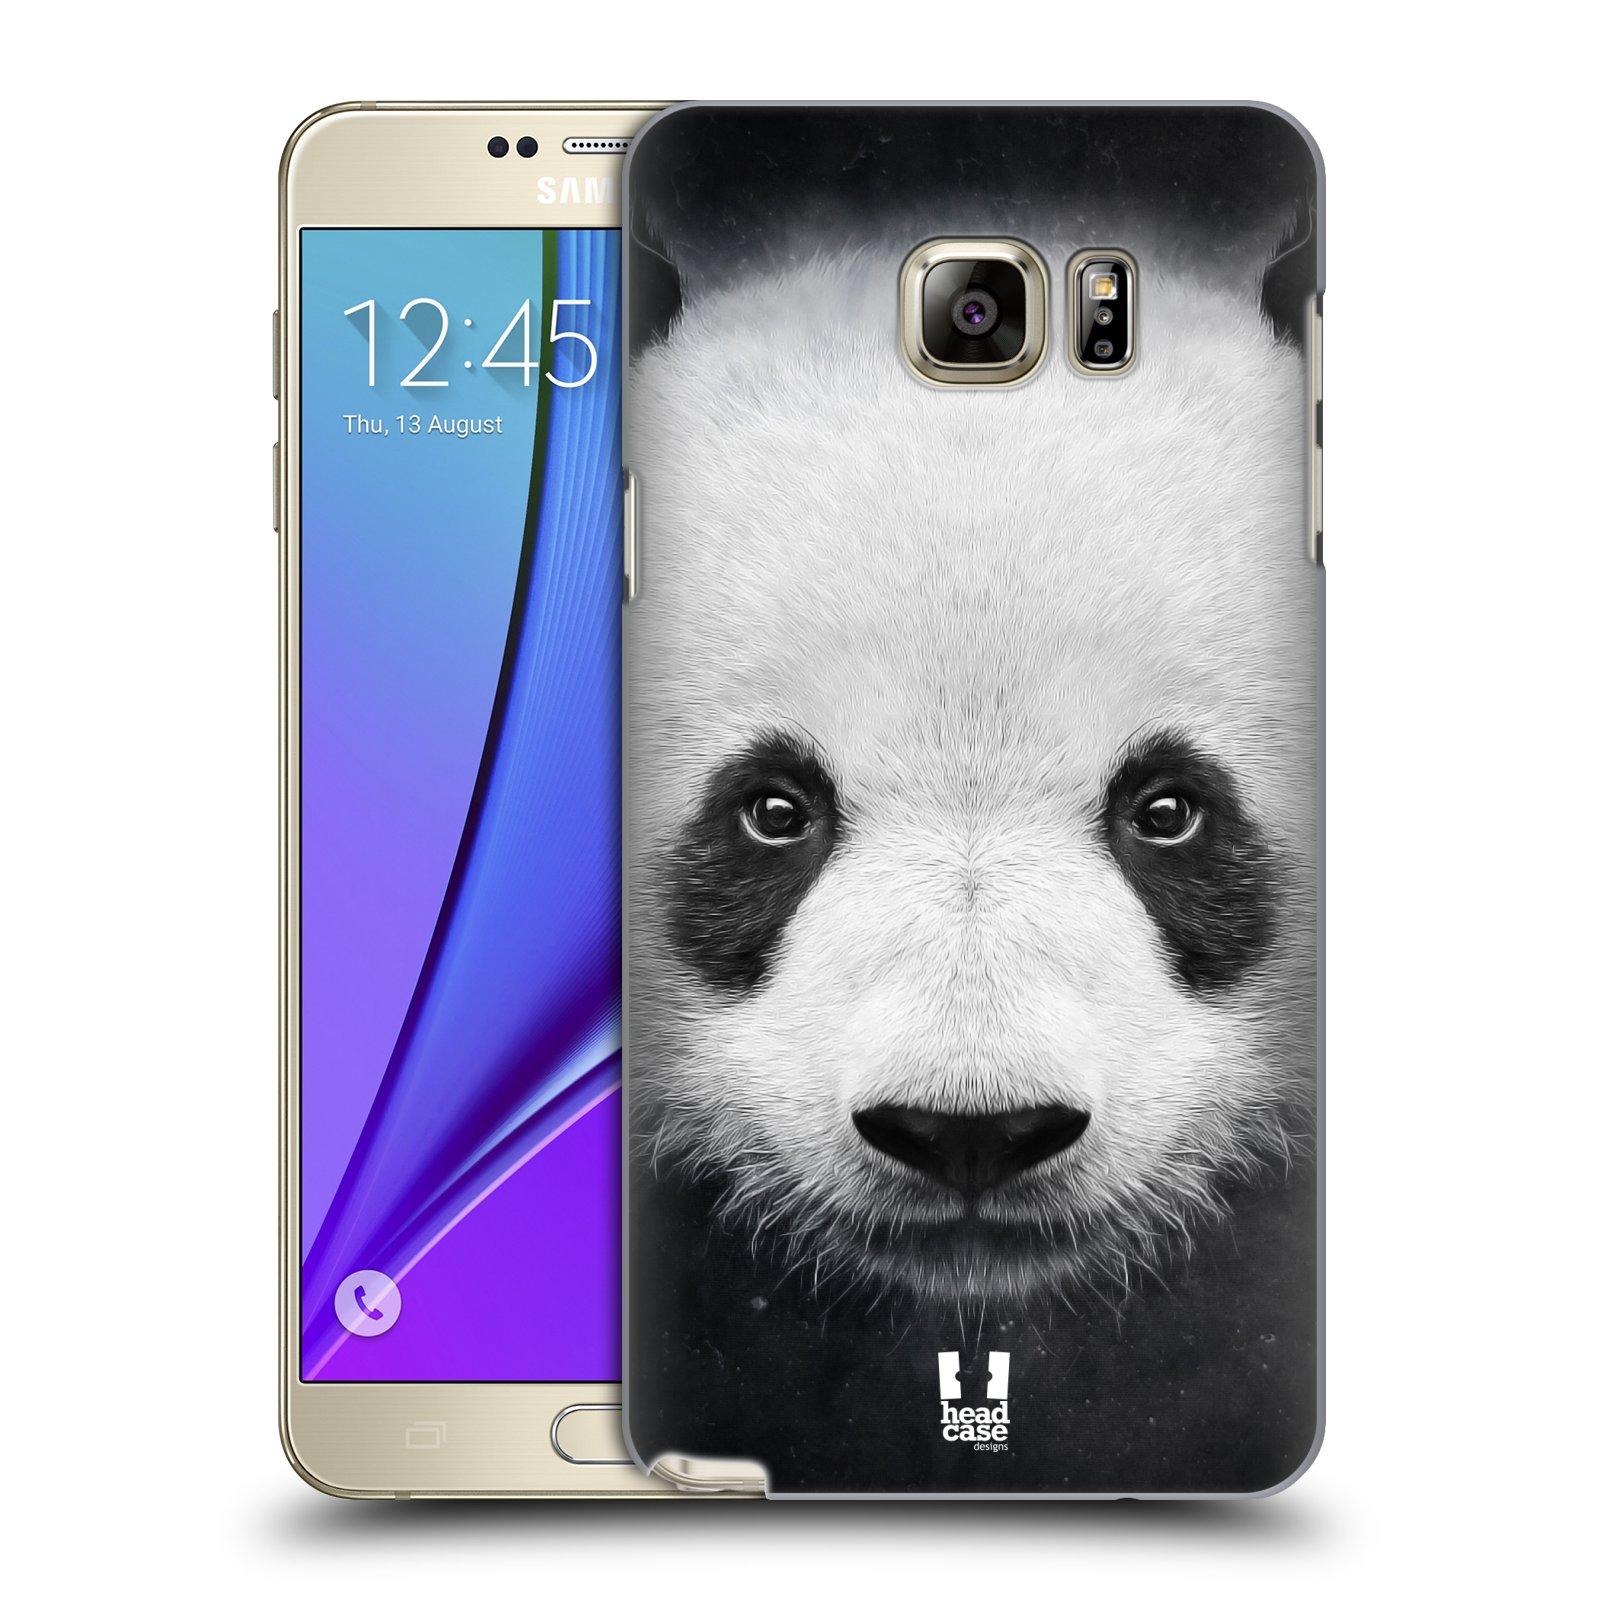 HEAD CASE plastový obal na mobil SAMSUNG Galaxy Note 5 (N920) vzor Zvířecí tváře medvěd panda